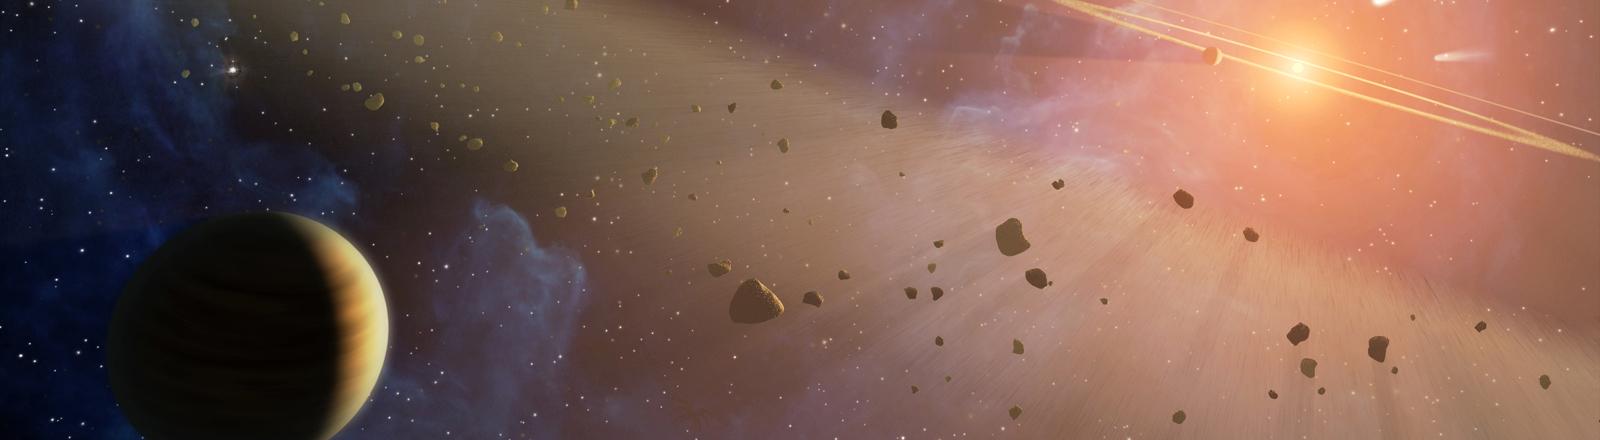 Grafik zeigt Planeten und Asteroiden.